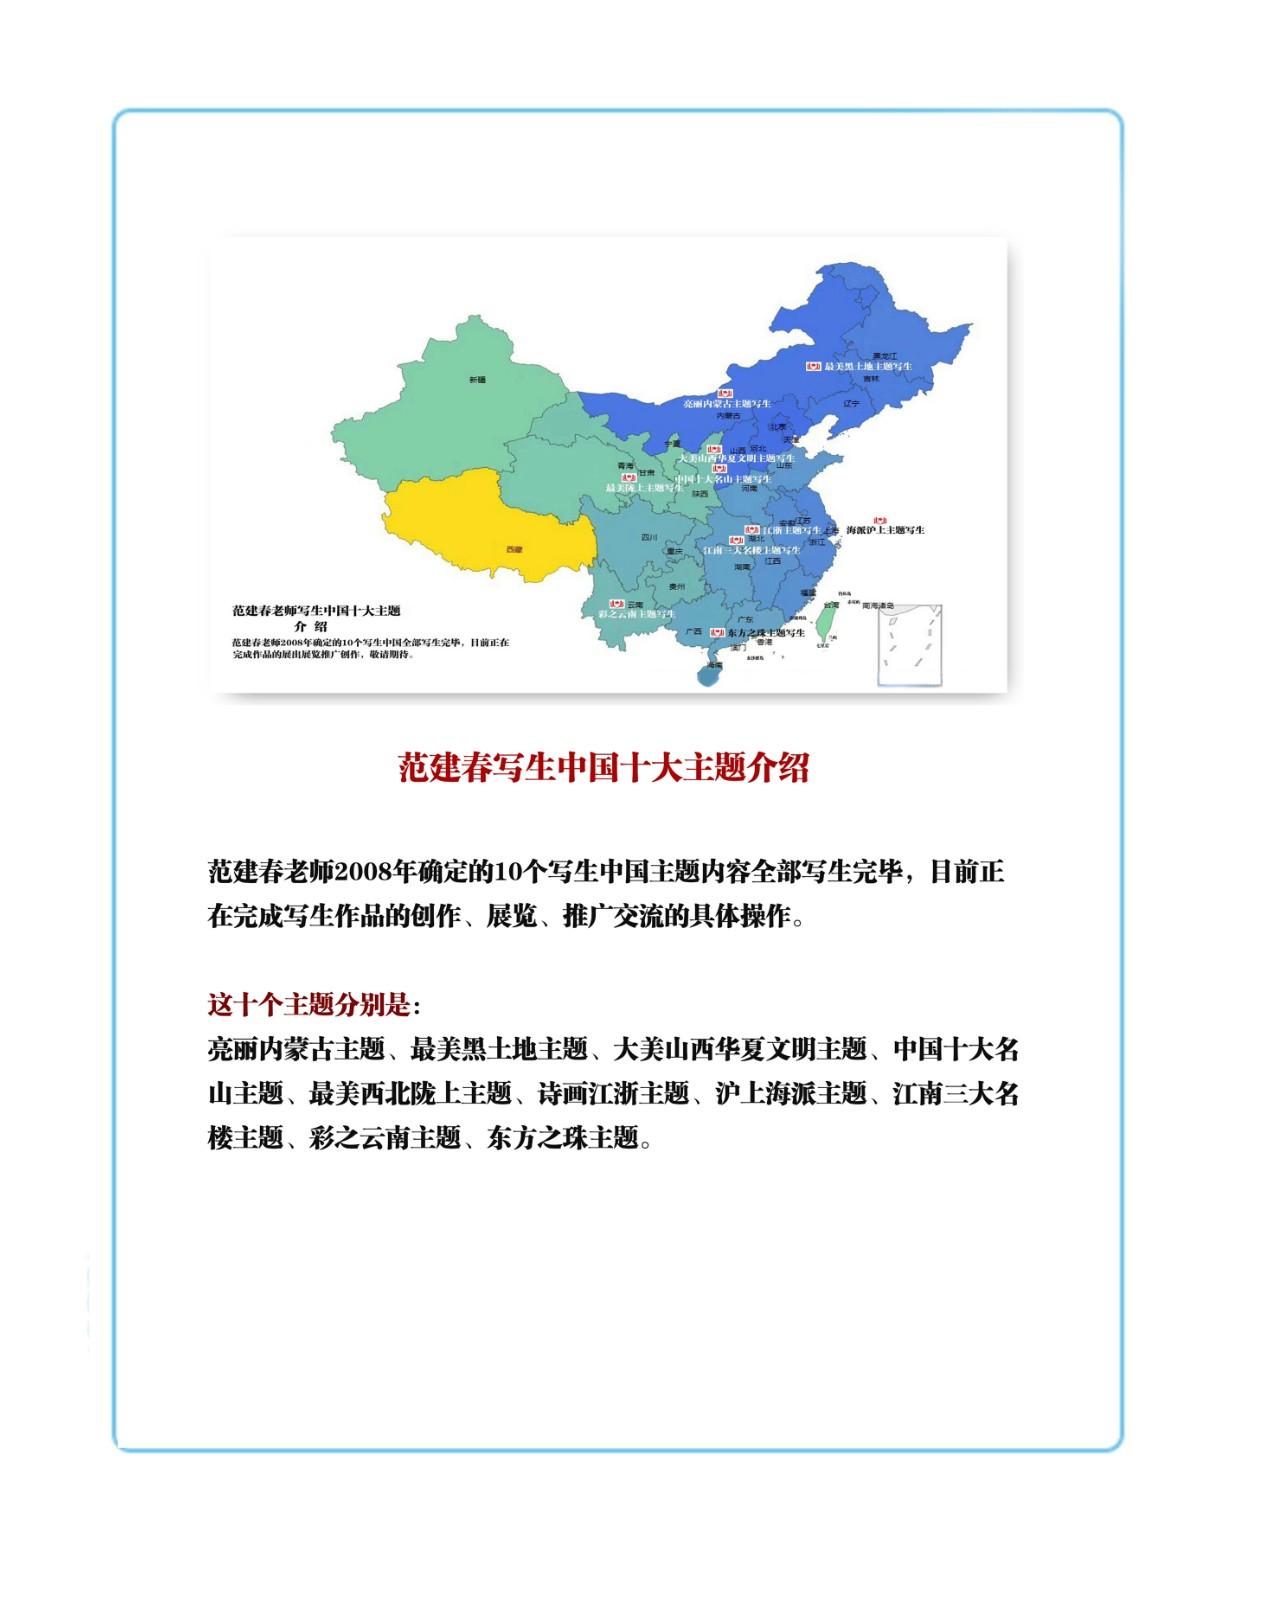 范建春写生中国十大主题介绍_图1-1